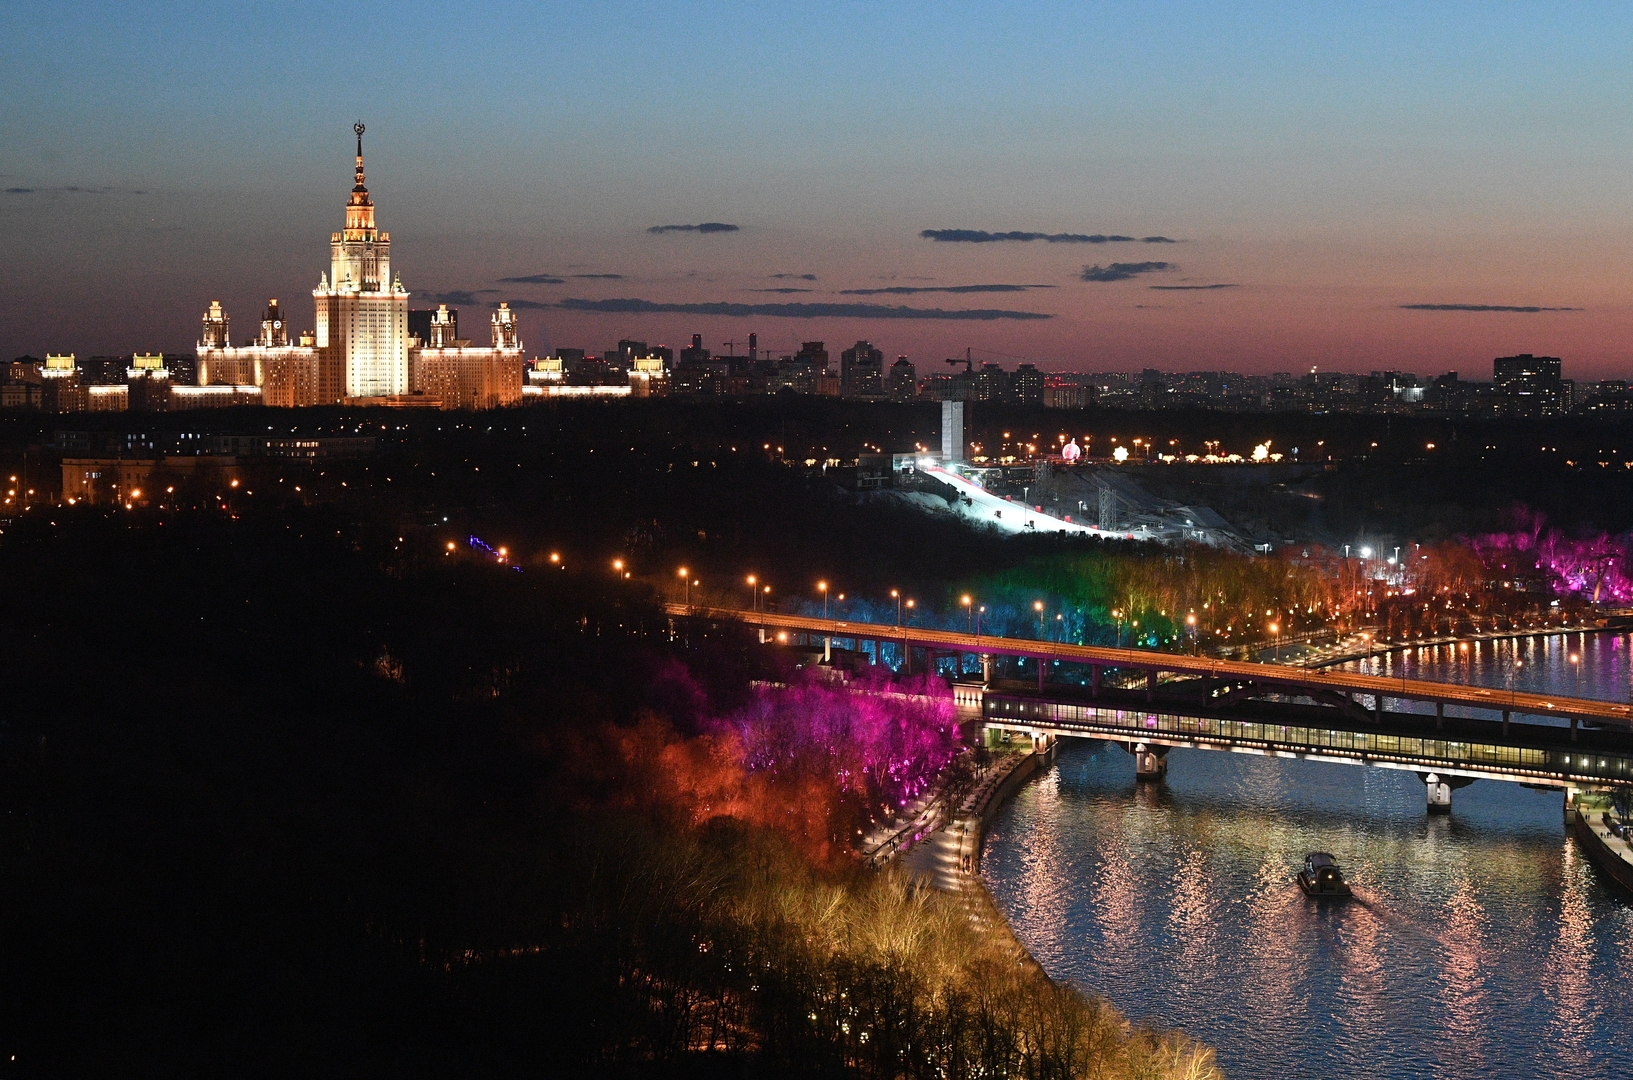 البطالة في موسكو.. الأقل بين أكبر عواصم العالم